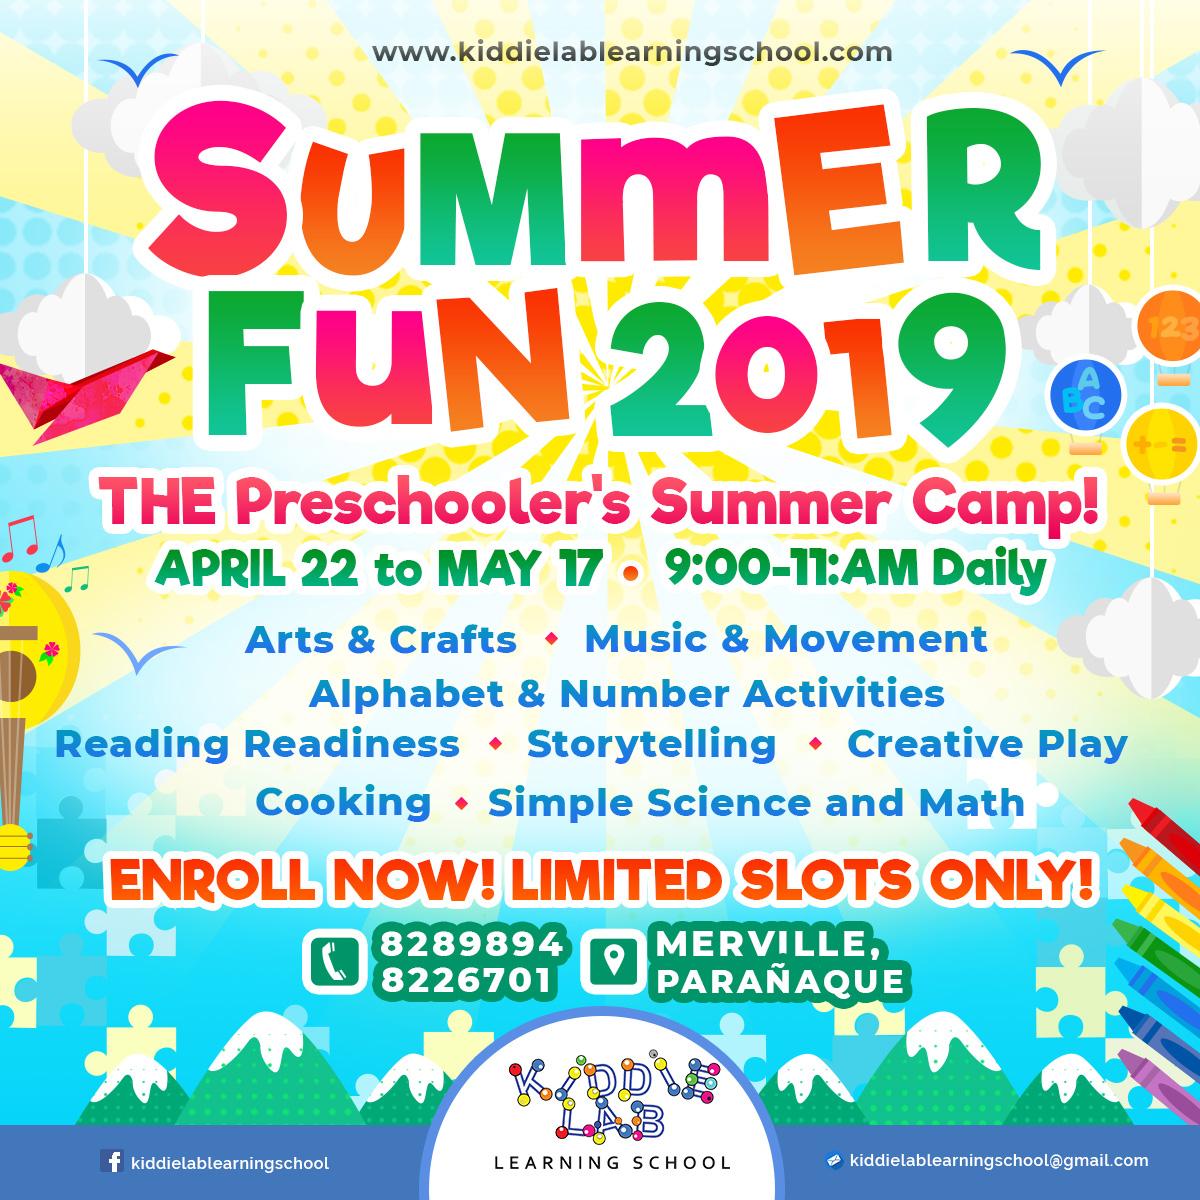 Kiddie Lab Summer Fun 2019 Summer Special 2019 Manila For Kids